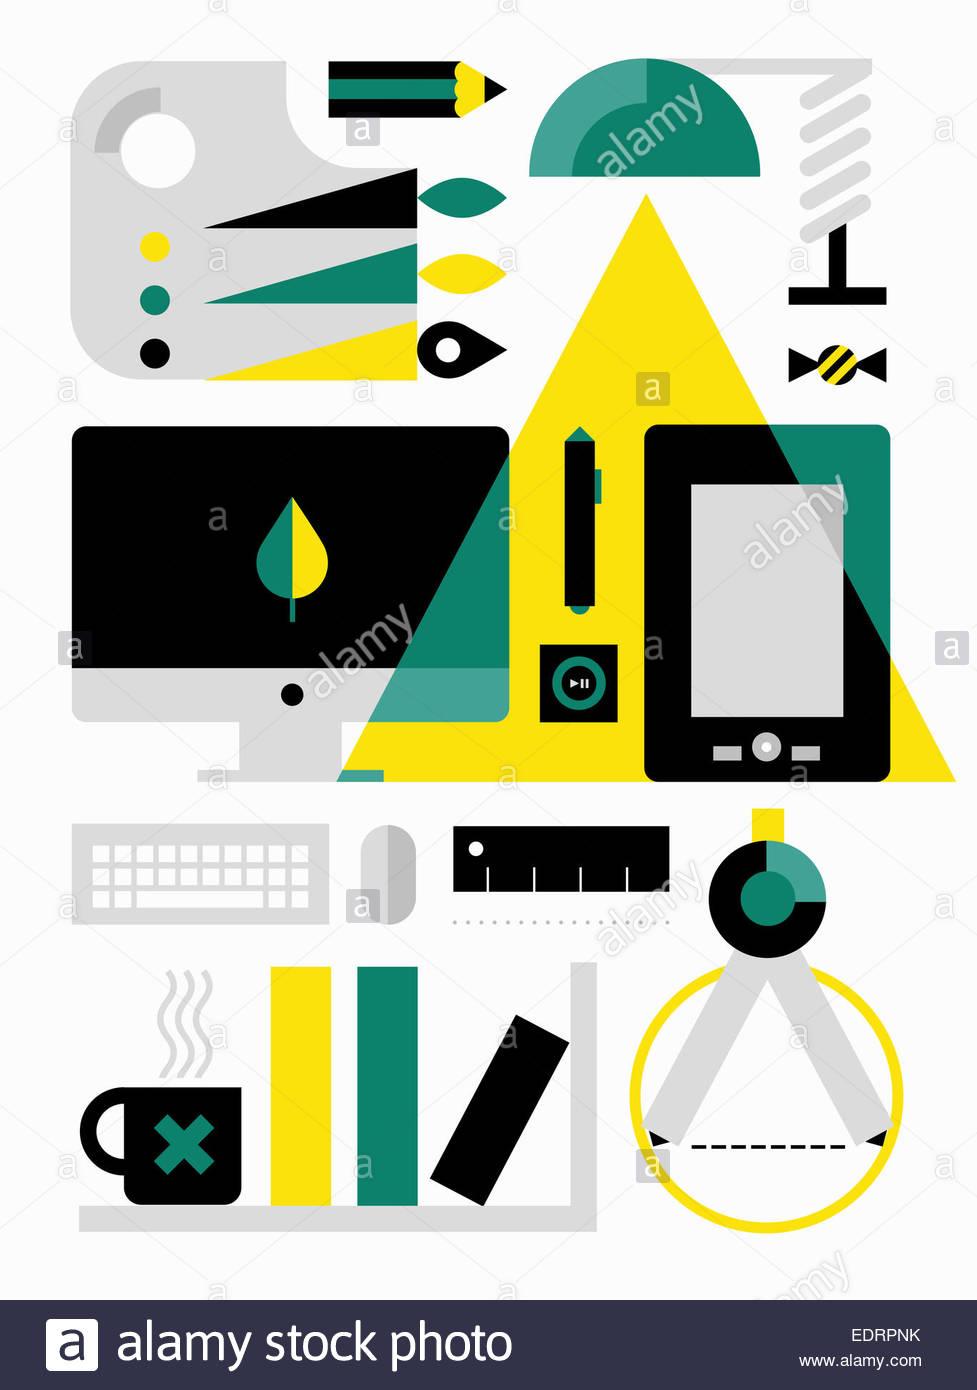 Desktop equipment for digital artist - Stock Image